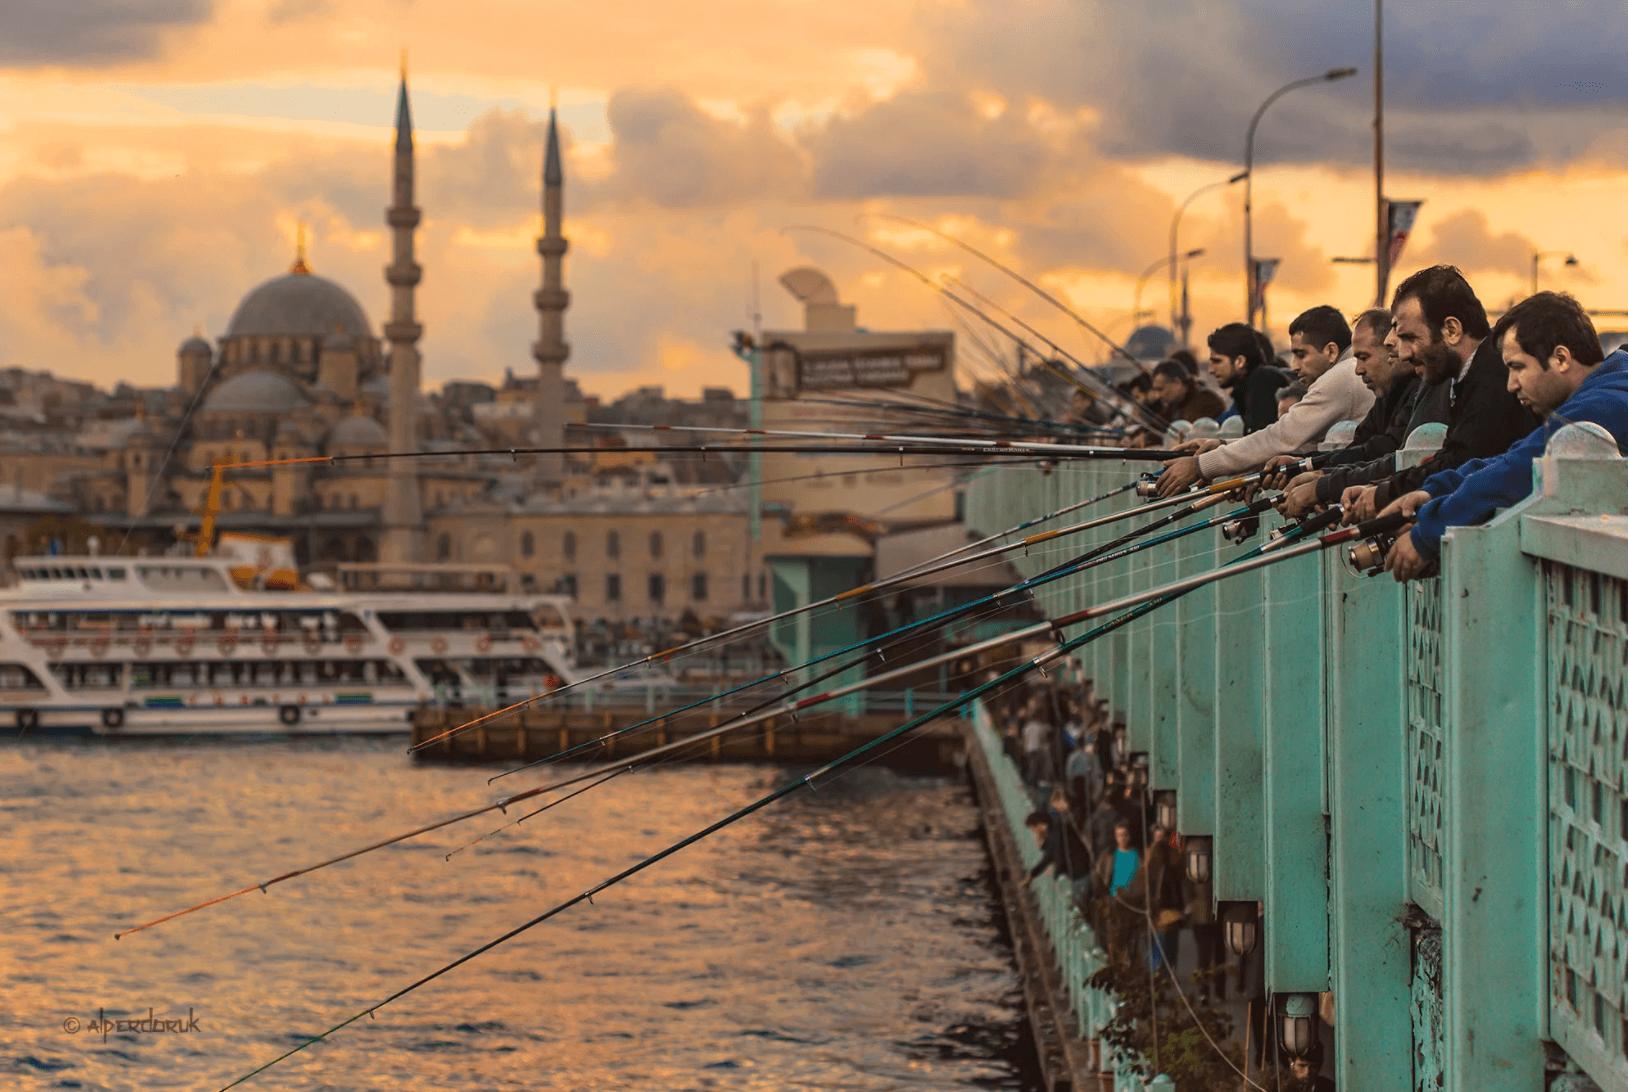 الاماكن السياحية للعوائل في اسطنبول